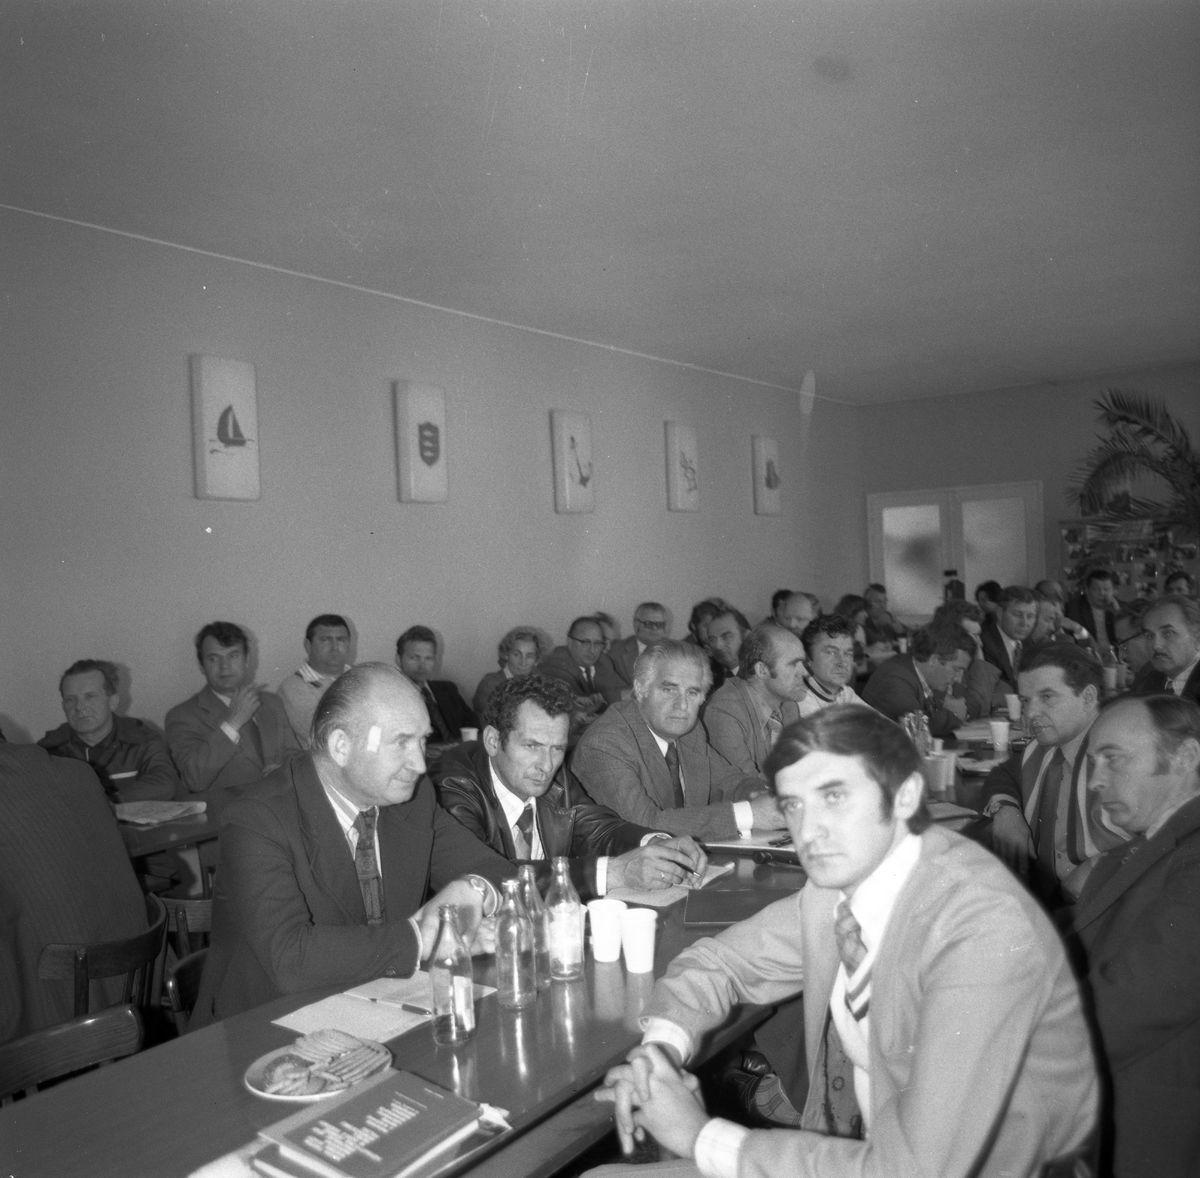 Wizyta konsula ZSRR w siedzibie KM PZPR [6]